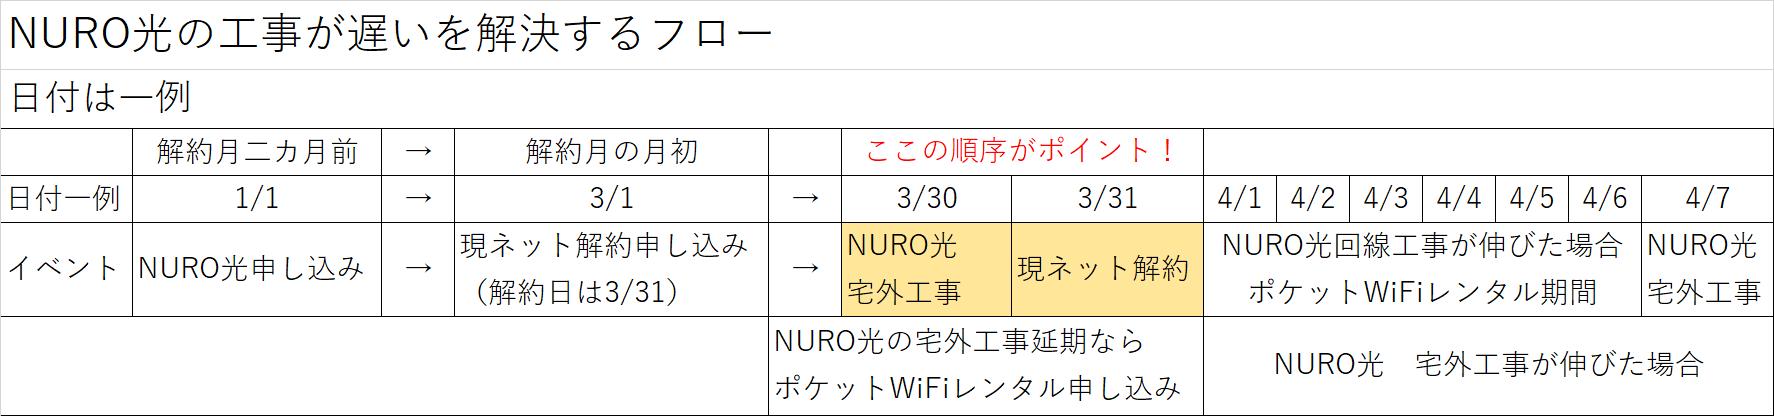 NURO光の工事が遅いを解決するフロー